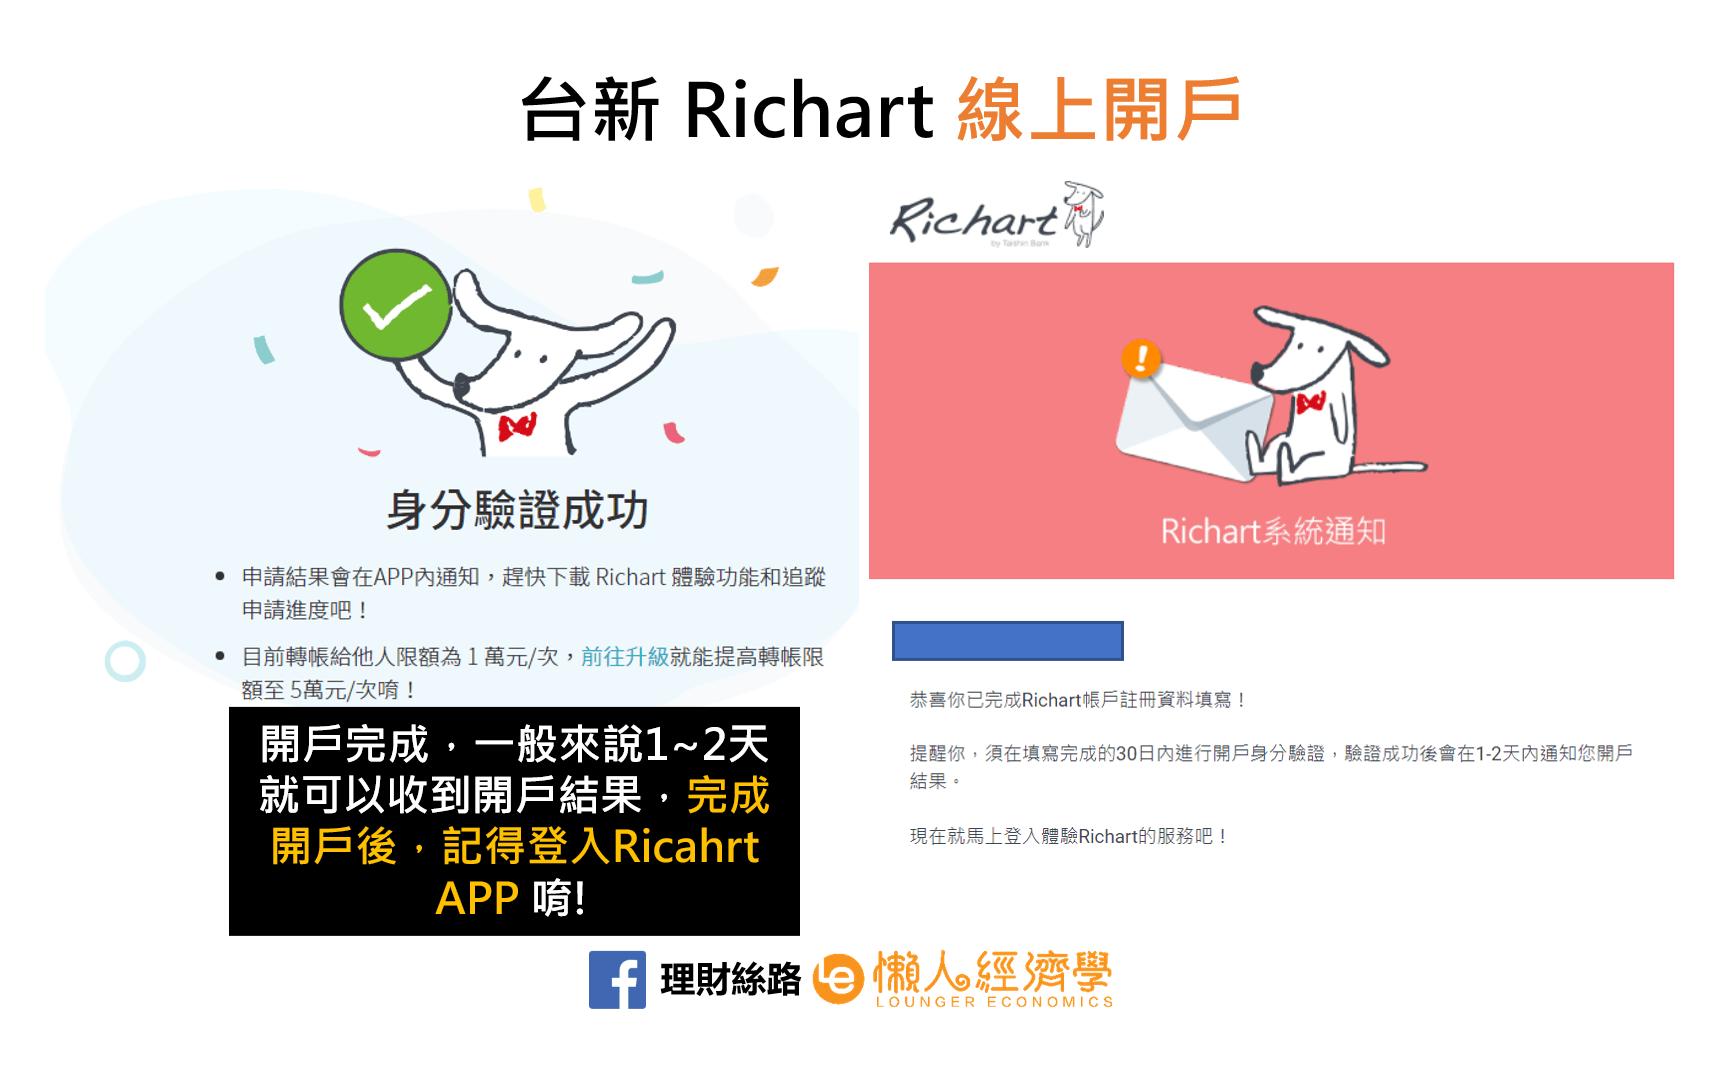 台新 richart 開戶